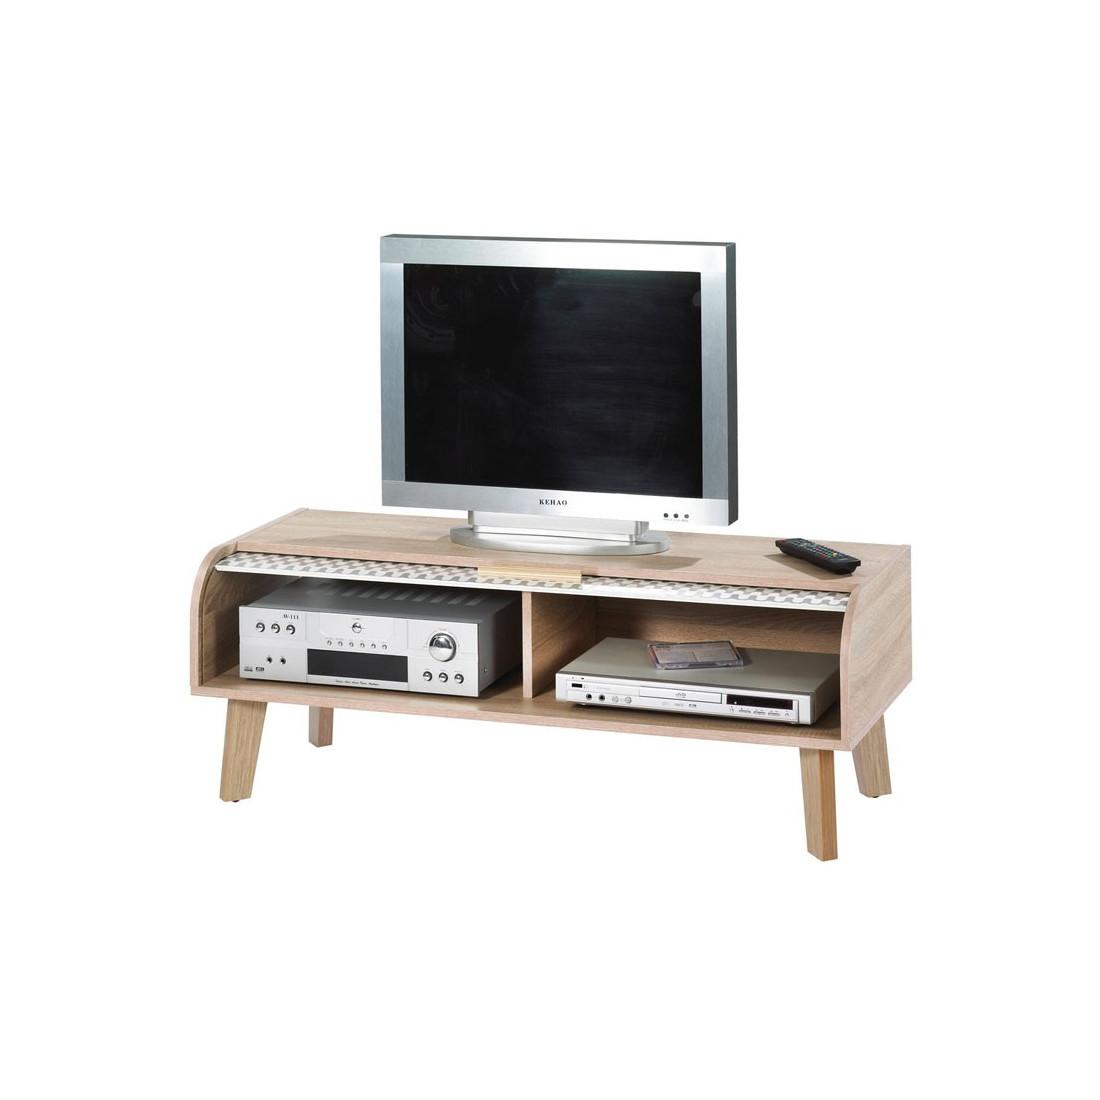 Meuble tv rideau bois et motifs gris arkos n 4 univers du salon - Meuble a rideau ...